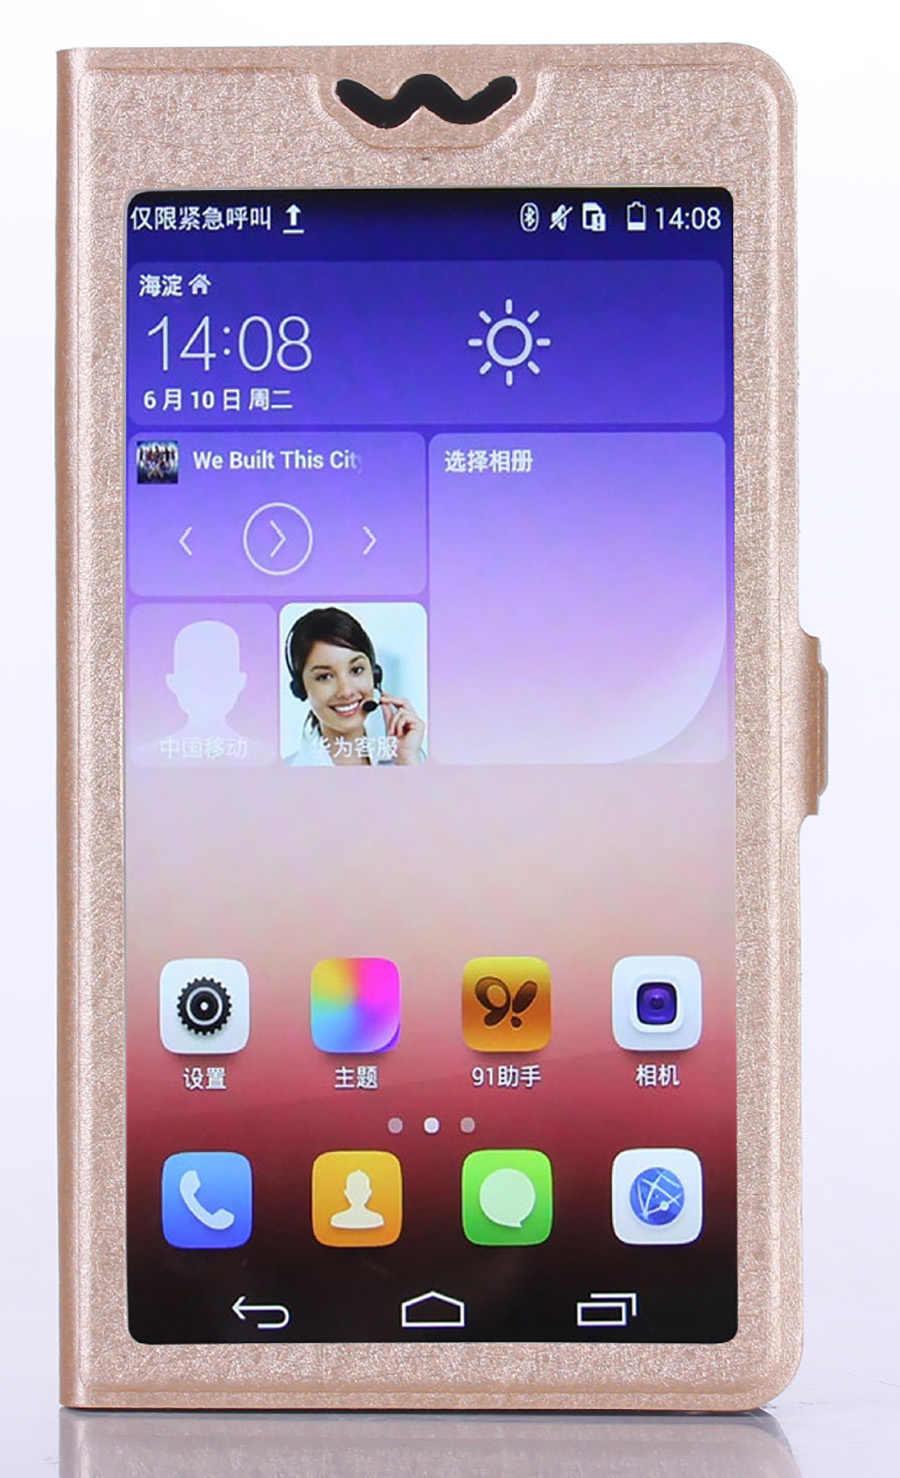 フリップスタンドケーストップ品質 Pu レザー prestigio についてビューウィンドウでグレース S7 LTE Z3 Z5 MultiPhone 5550 週間ほどで発送 A5 A7 B3 C3